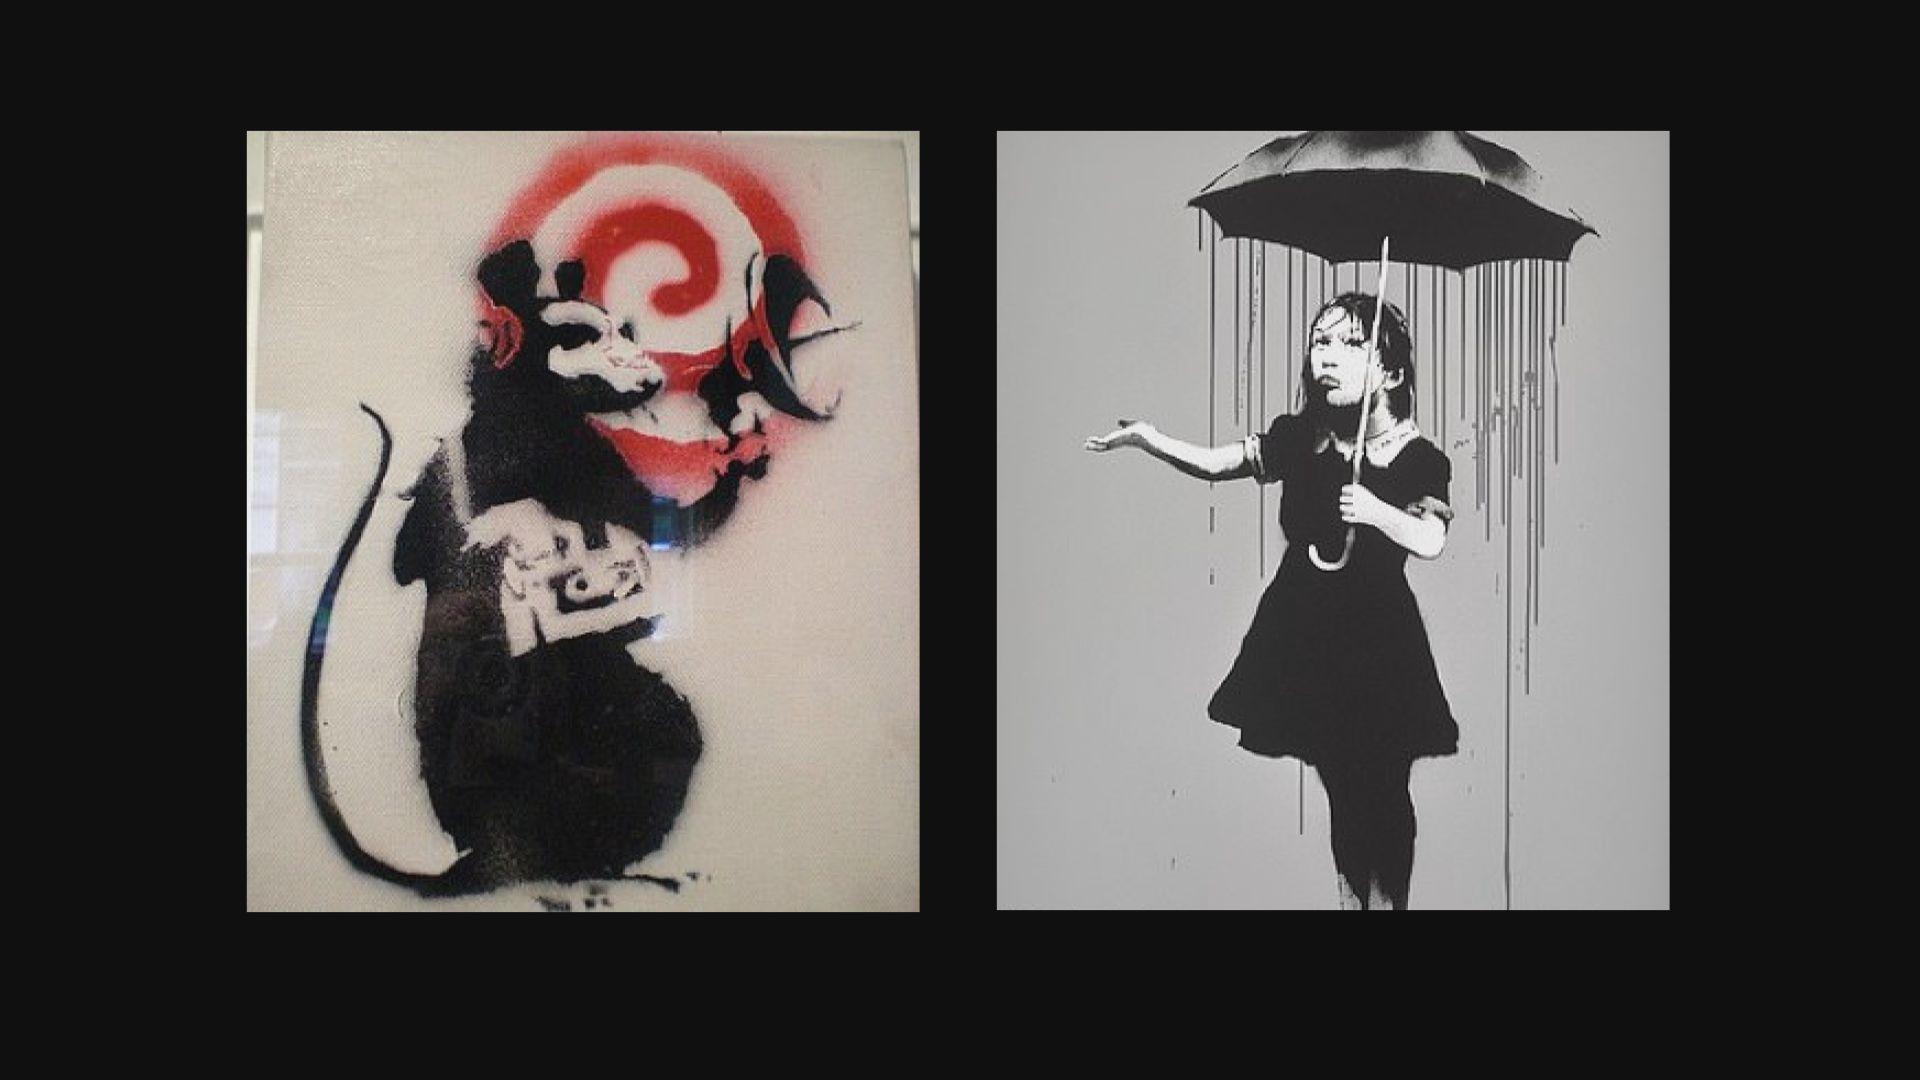 【環球薈報】Banksy堅持隱藏身份再失兩幅作品商標權